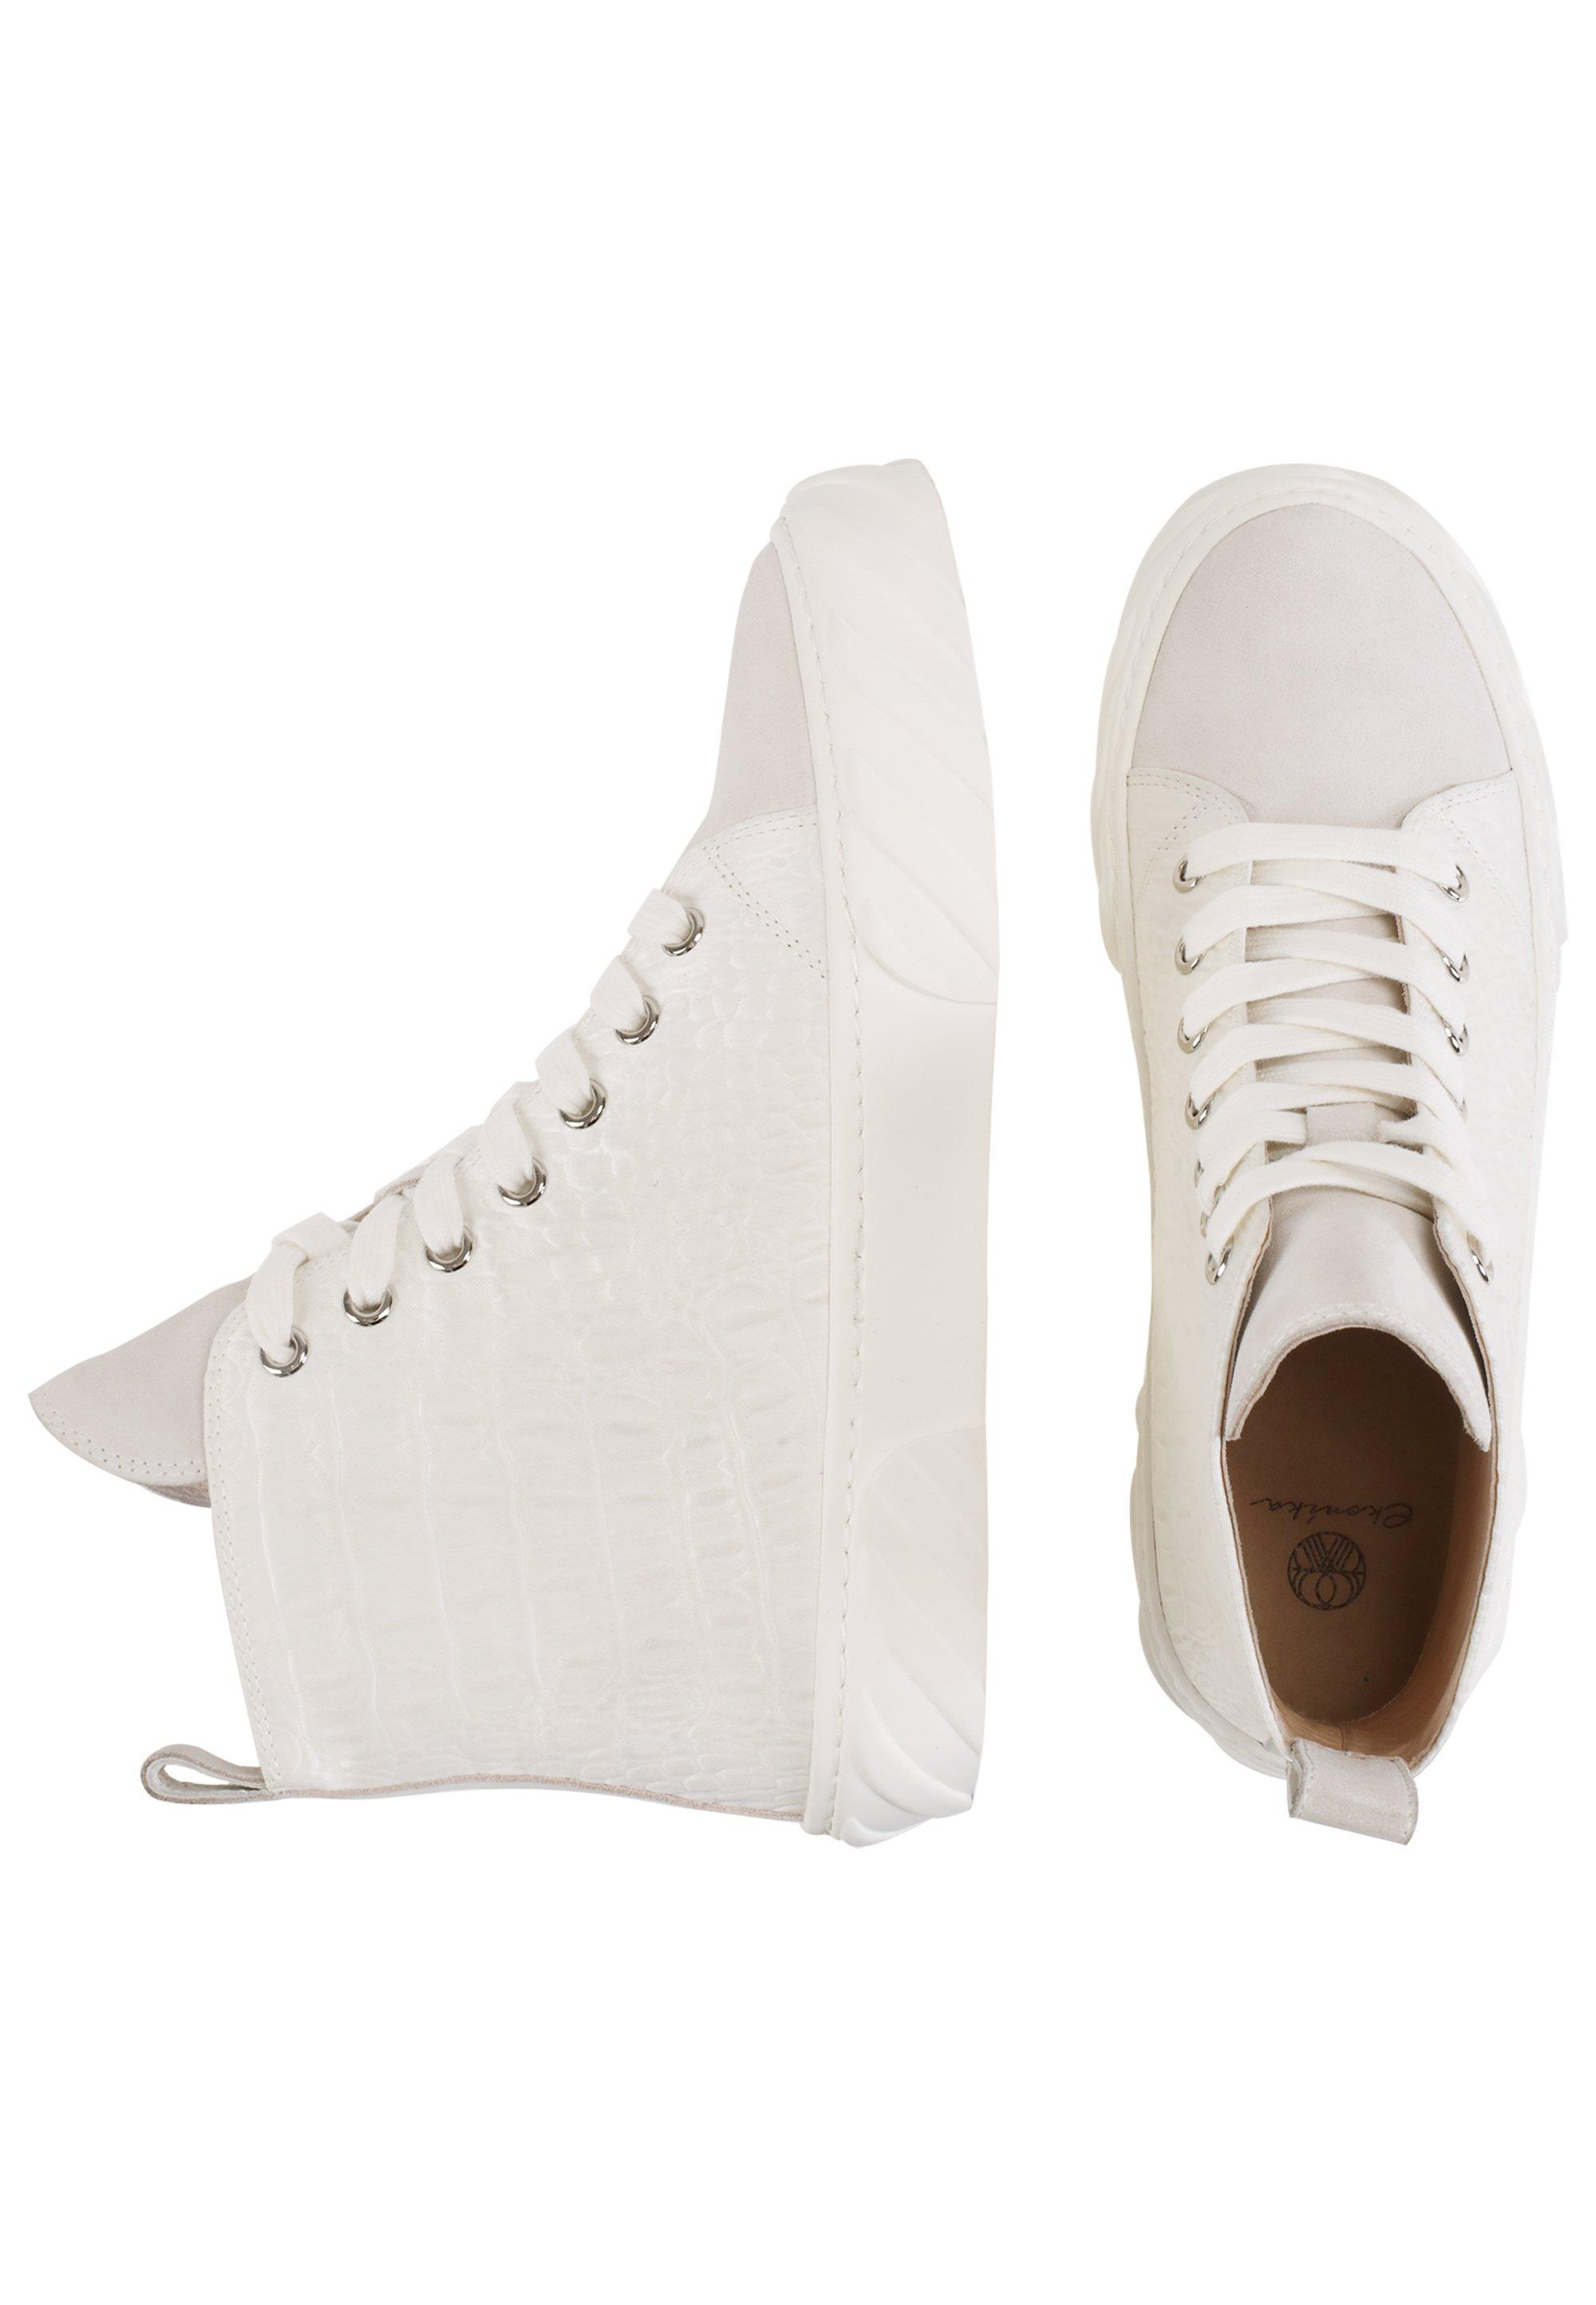 Ekonika Sneaker low - white-light beige | Damen Schuhe 2020